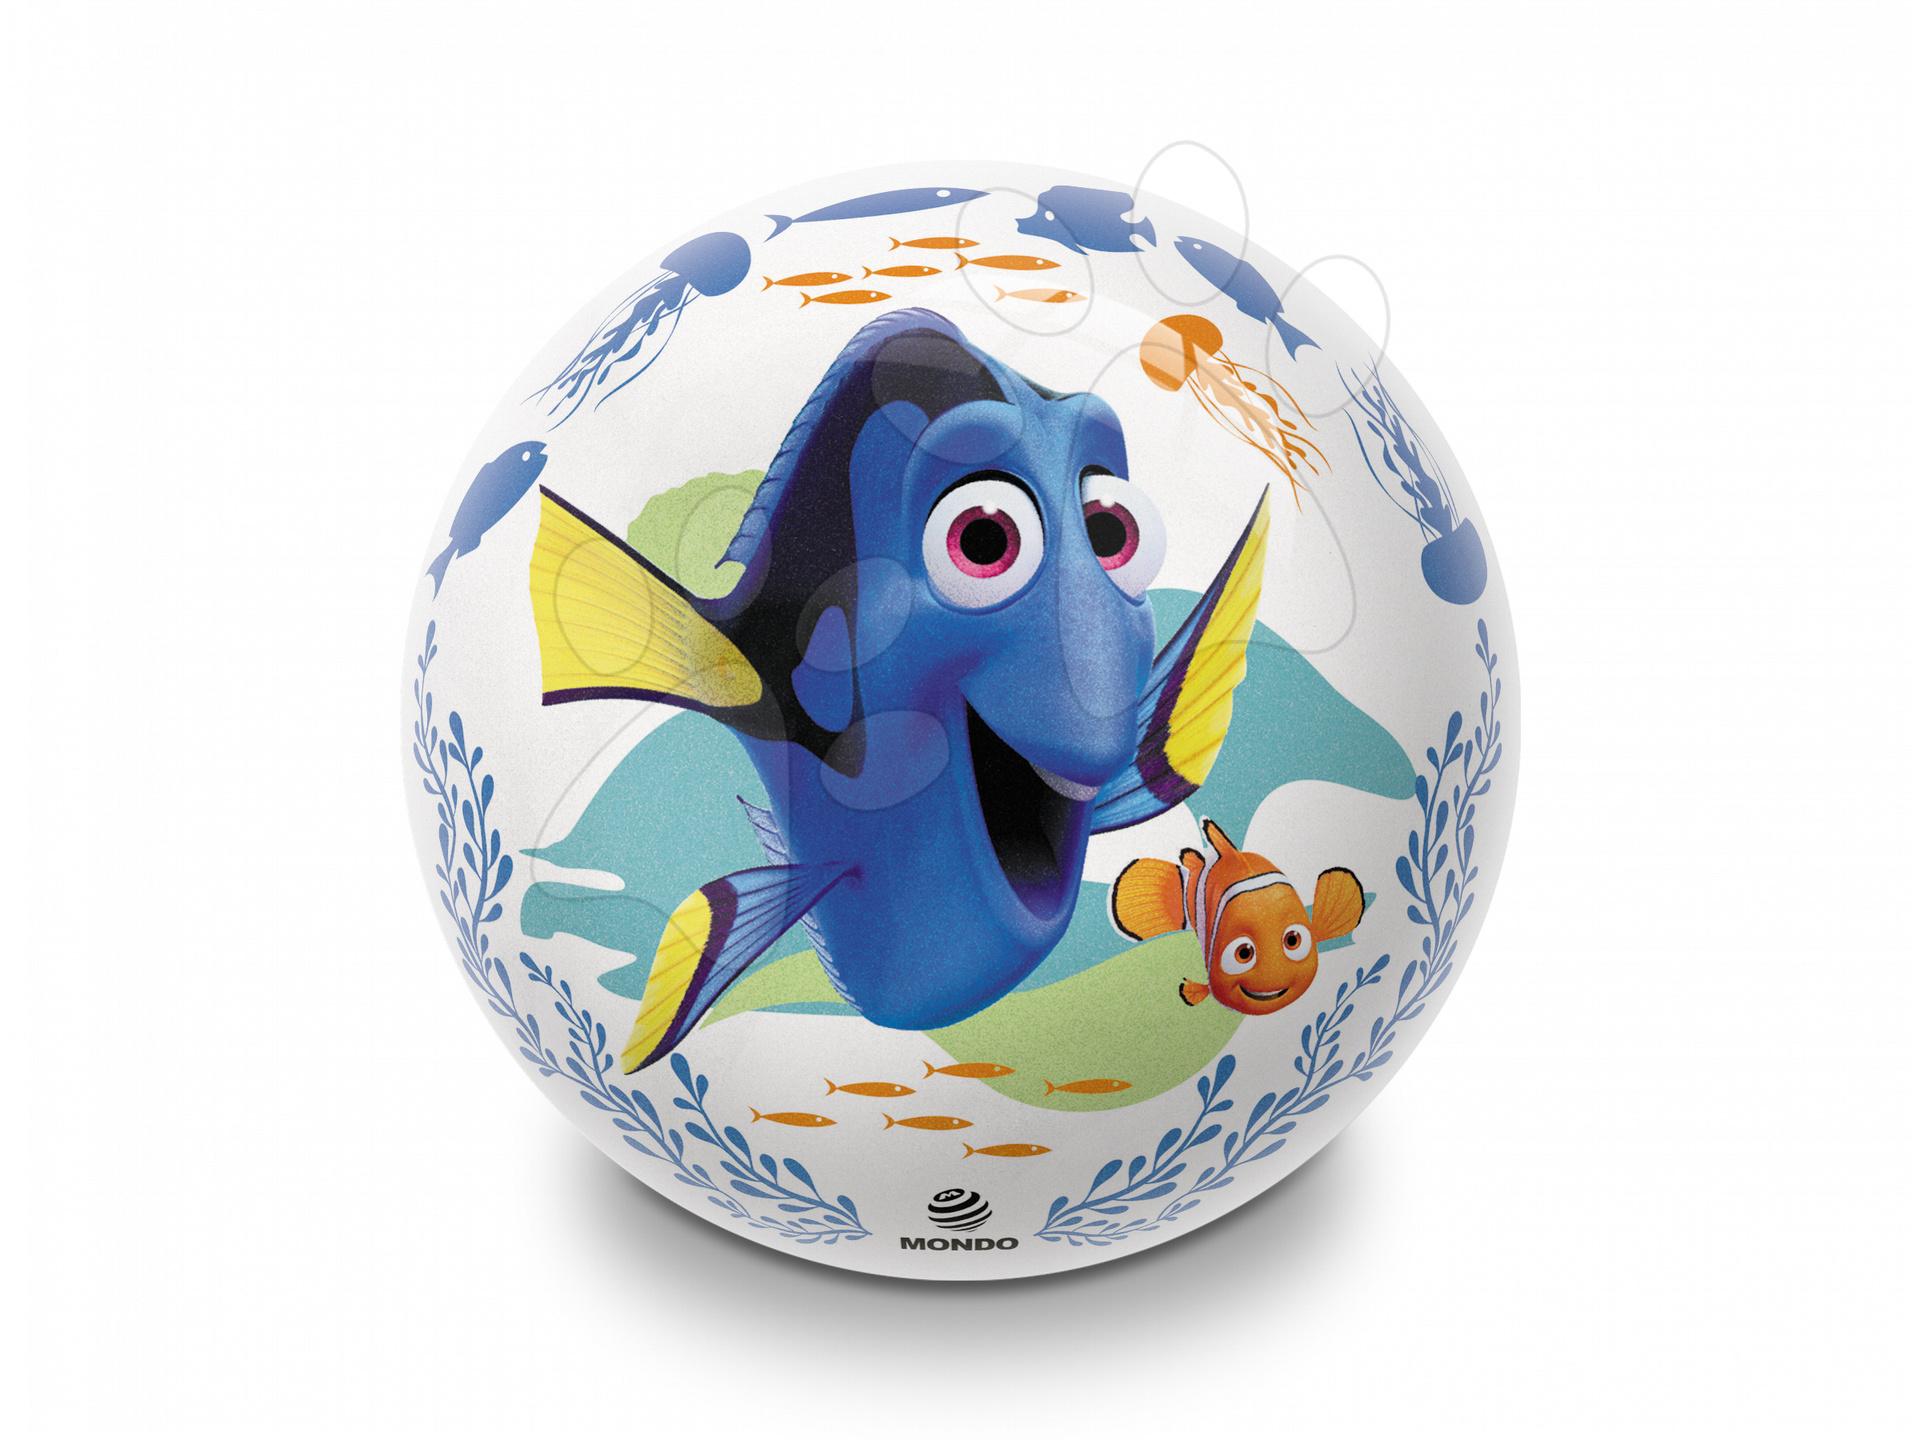 Pohádkový míč  Finding DORY Mondo gumový třpytivý 23 cm